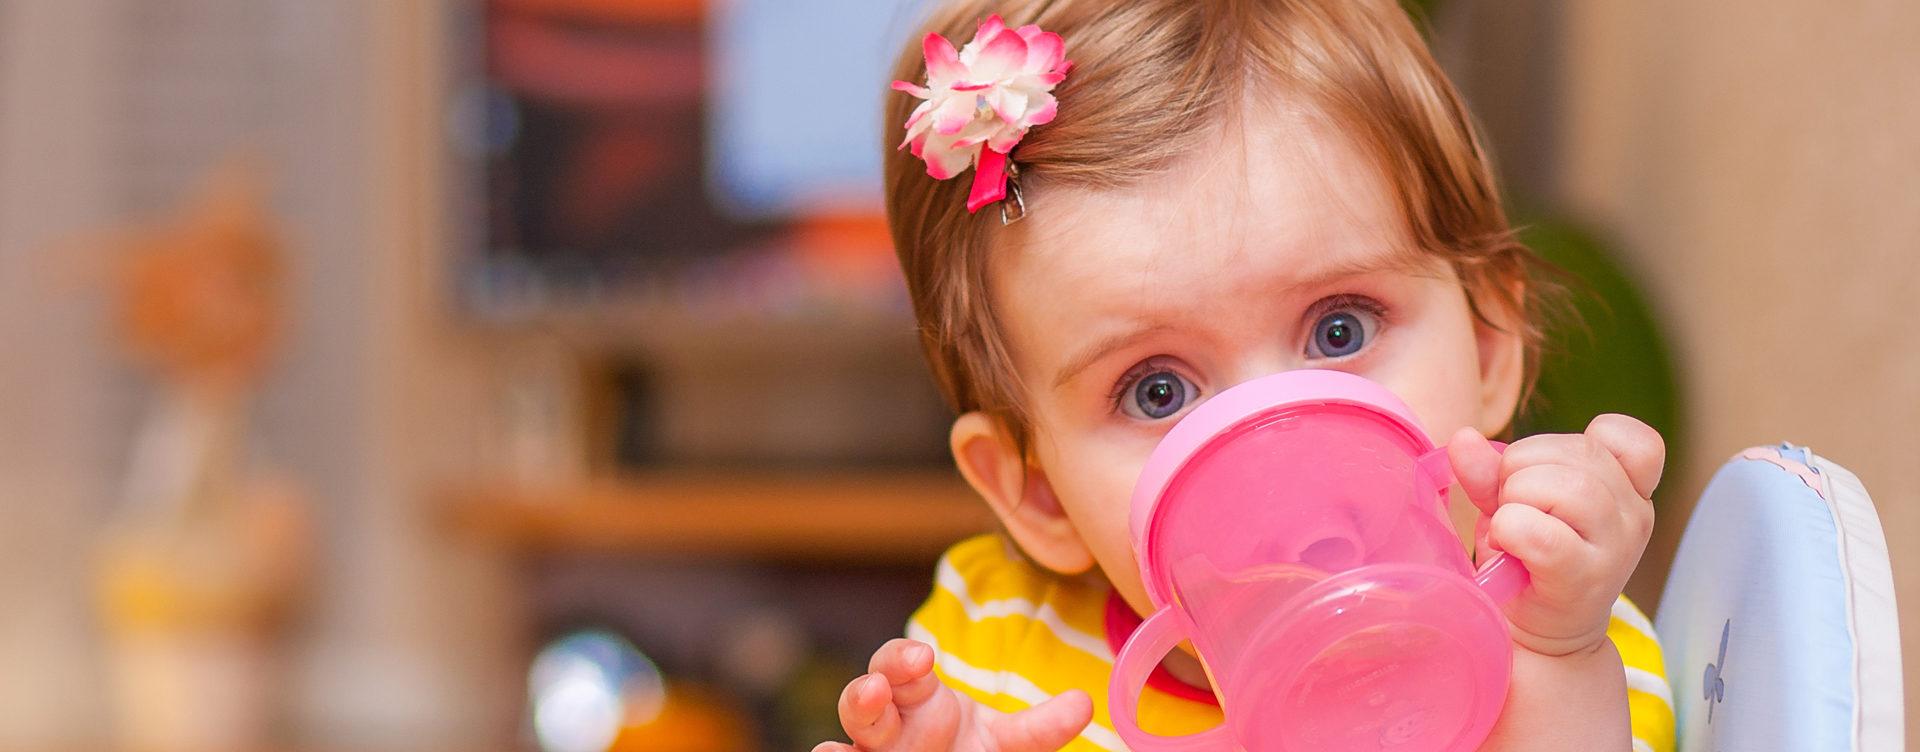 ребенок пьет с бутылочки